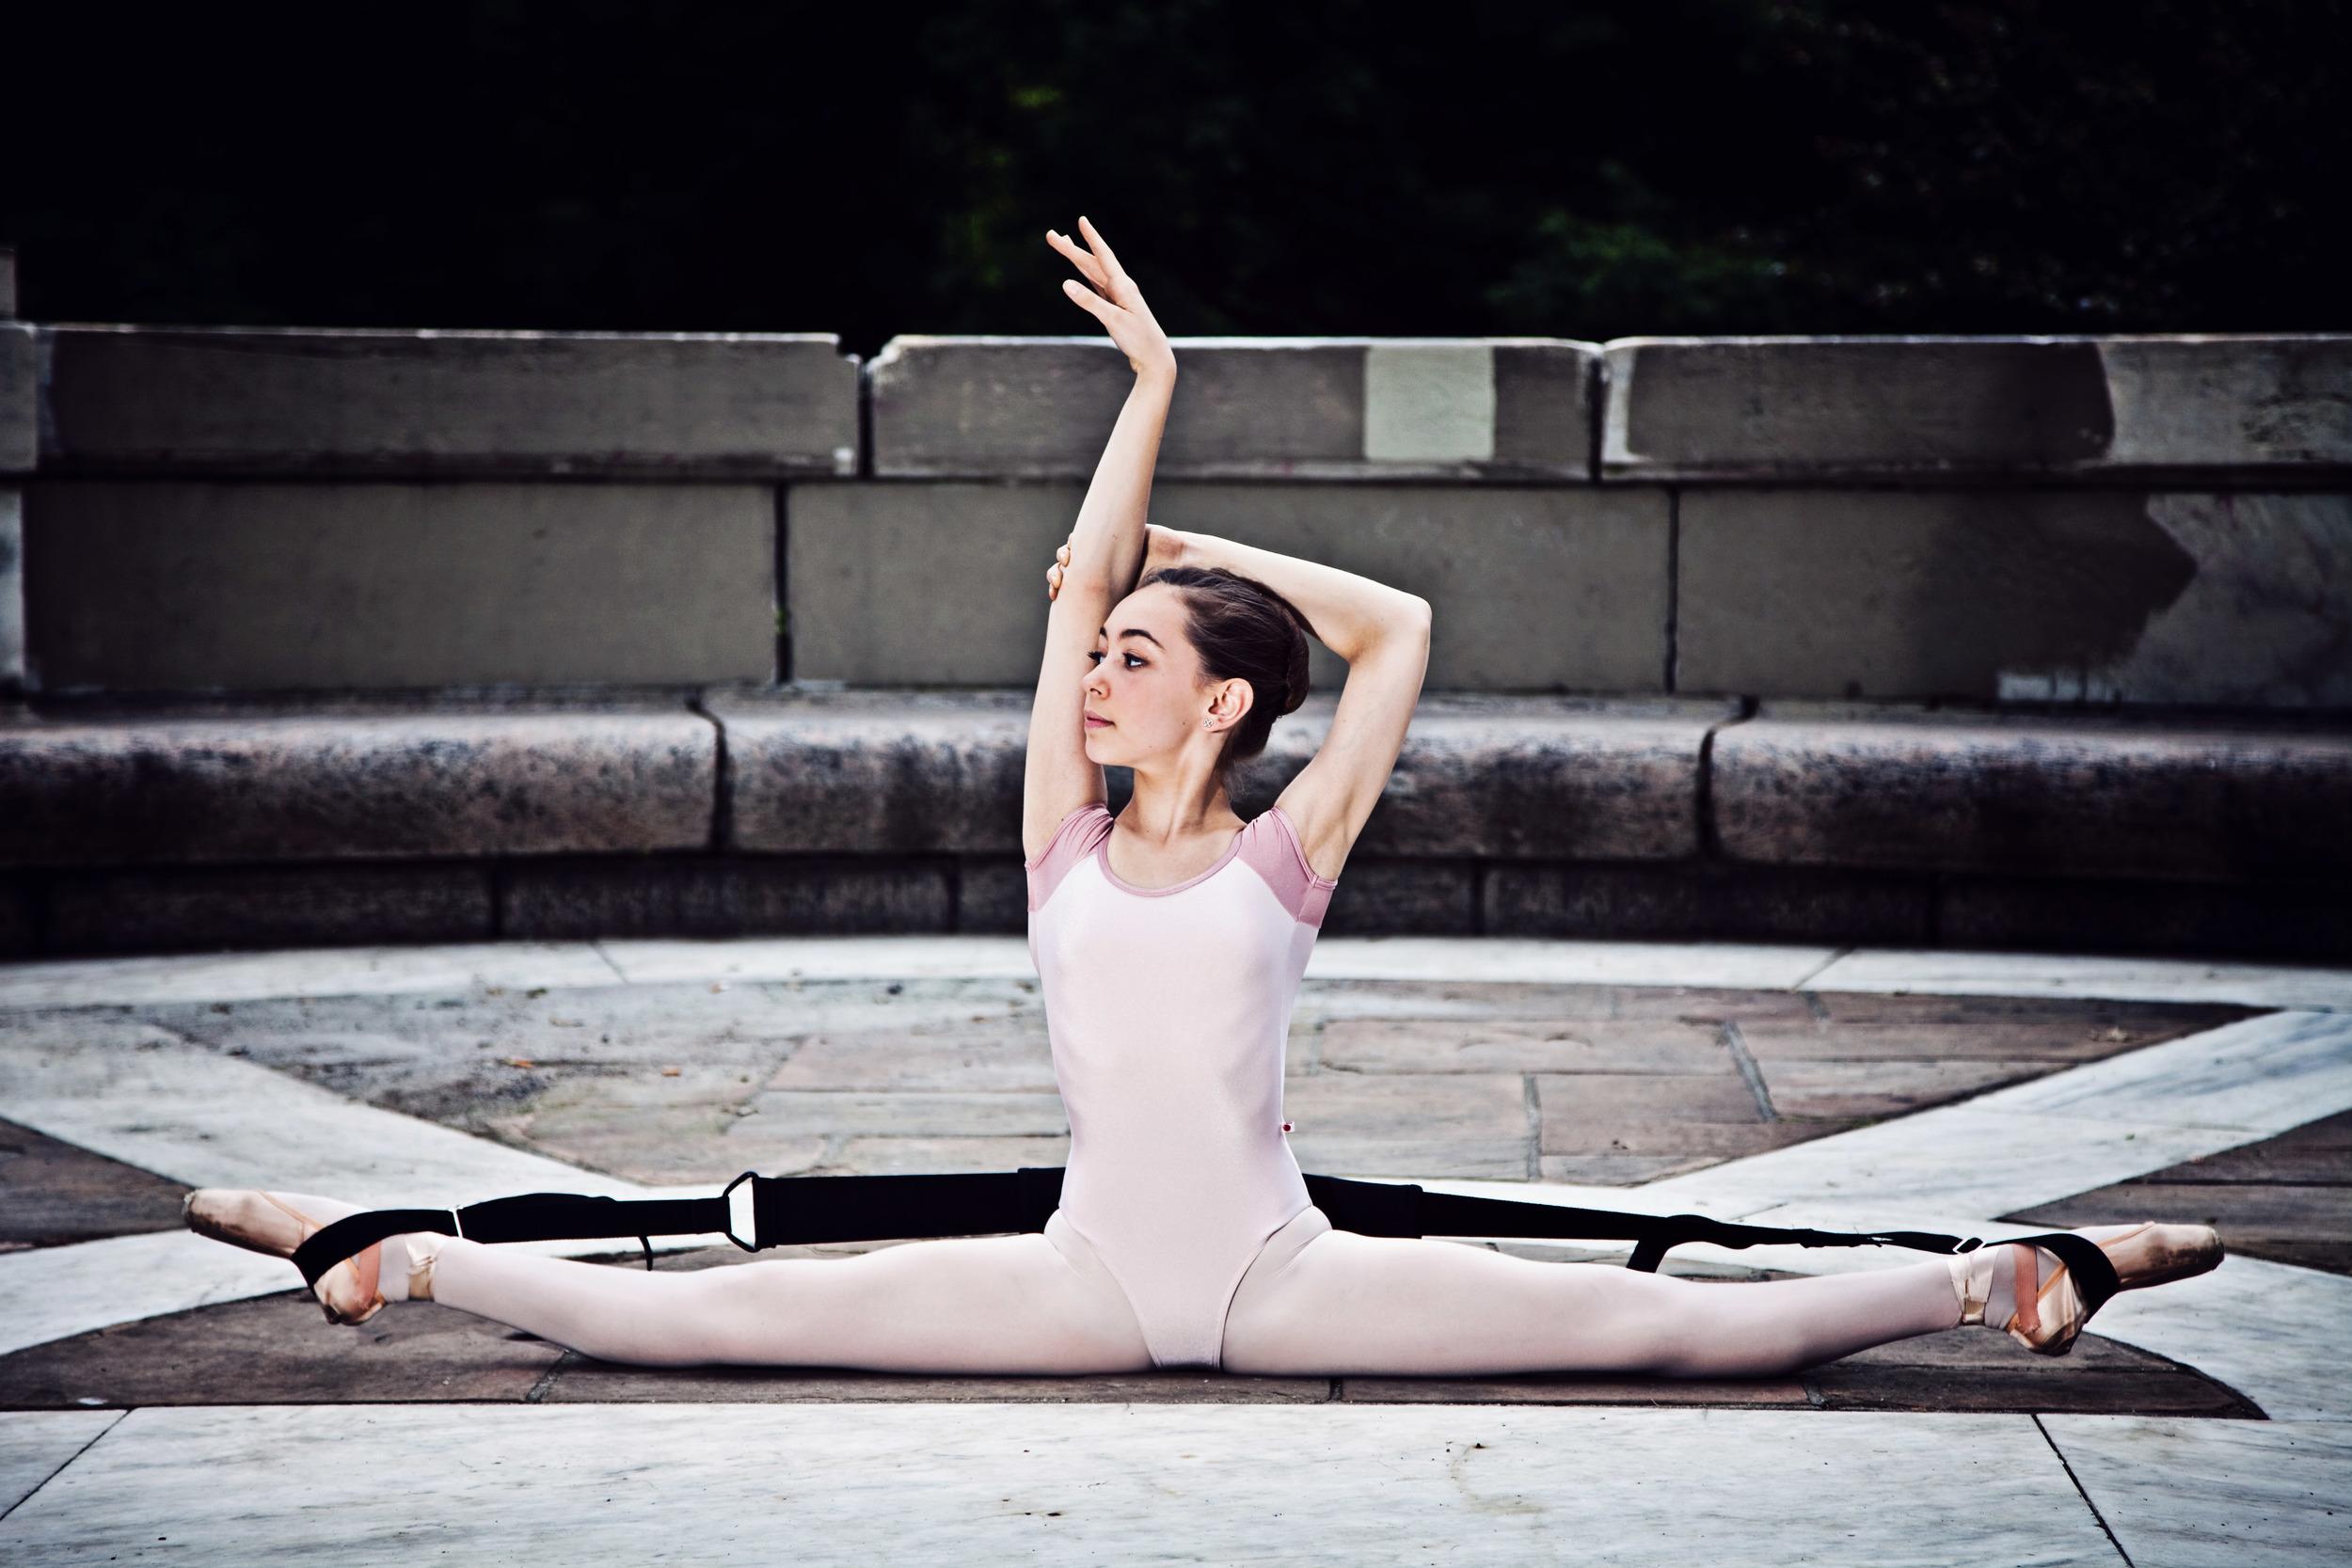 Julia Lipari